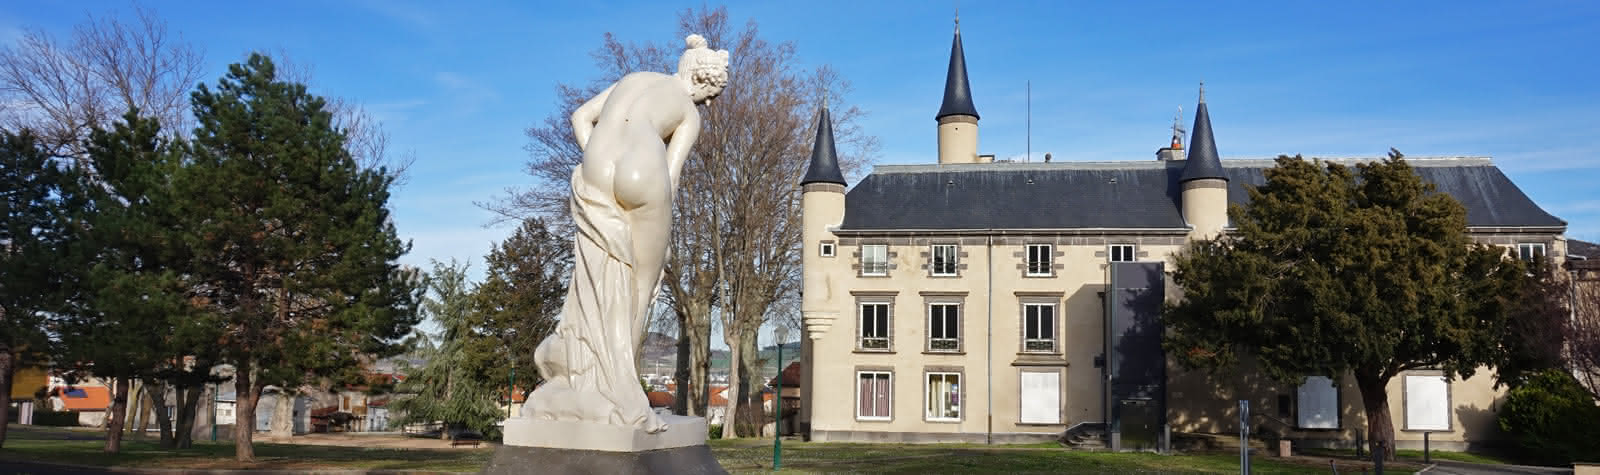 Parc de la mairie de Pérignat-lès-SArlève